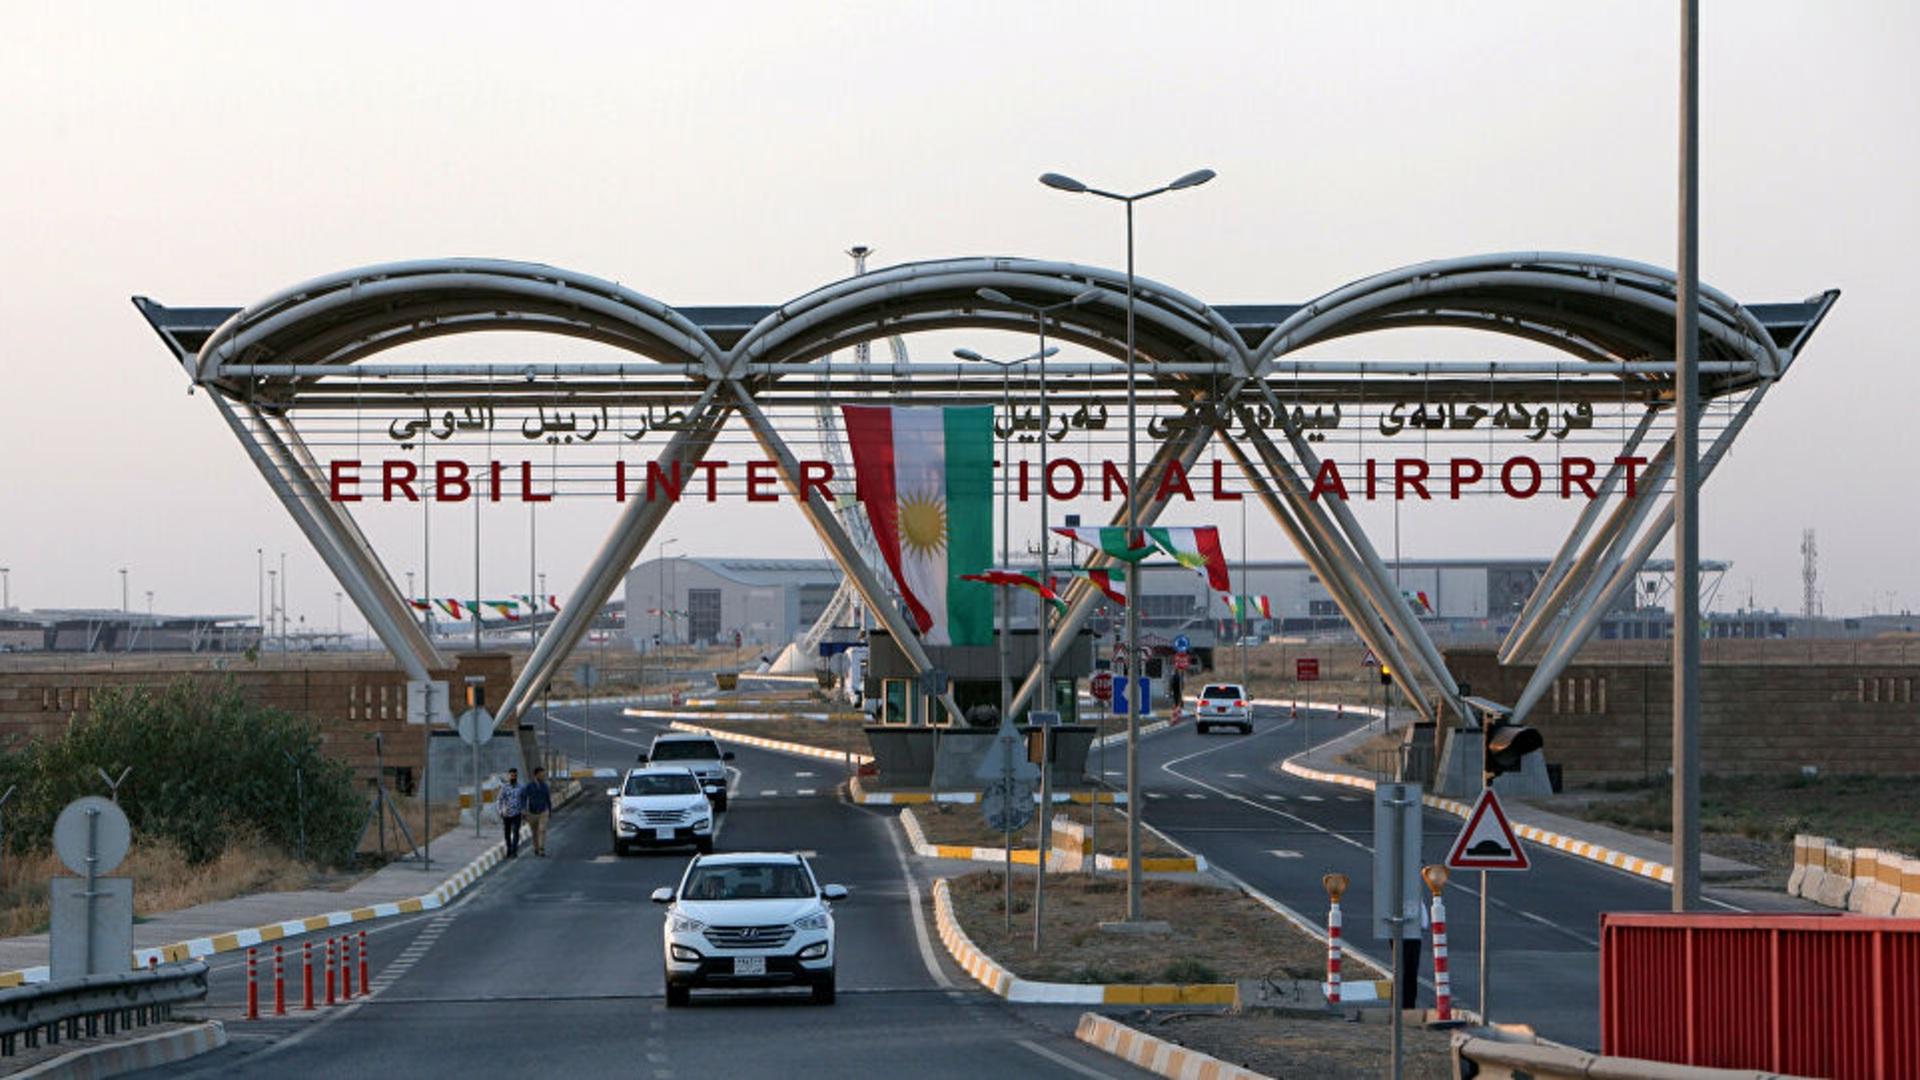 عودة مطار أربيل إلى الخدمة بعد الهجمات الصاروخية